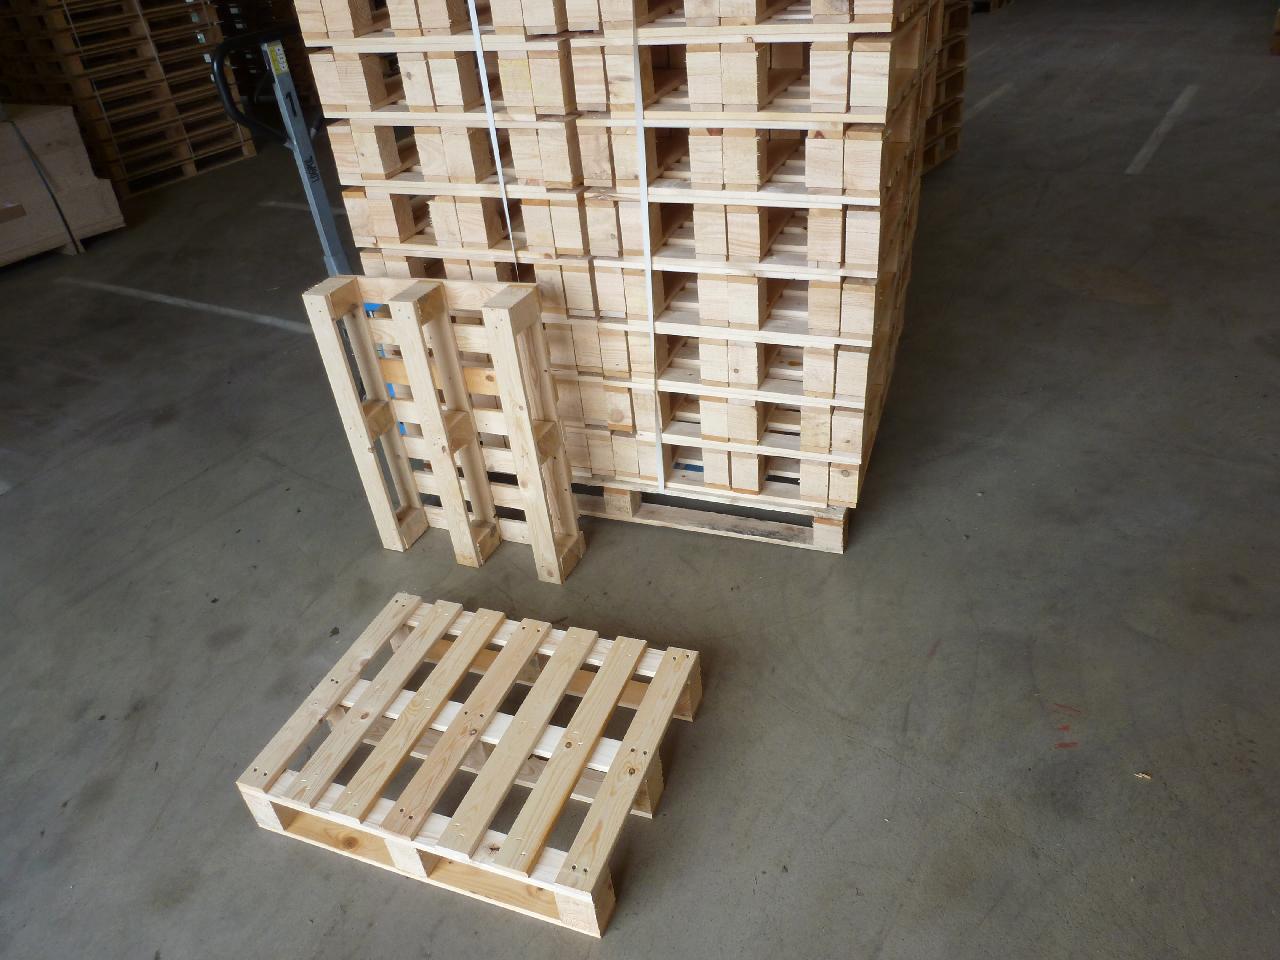 Transportpalette-mit-7-Deckbrettern-und-3-Kufen